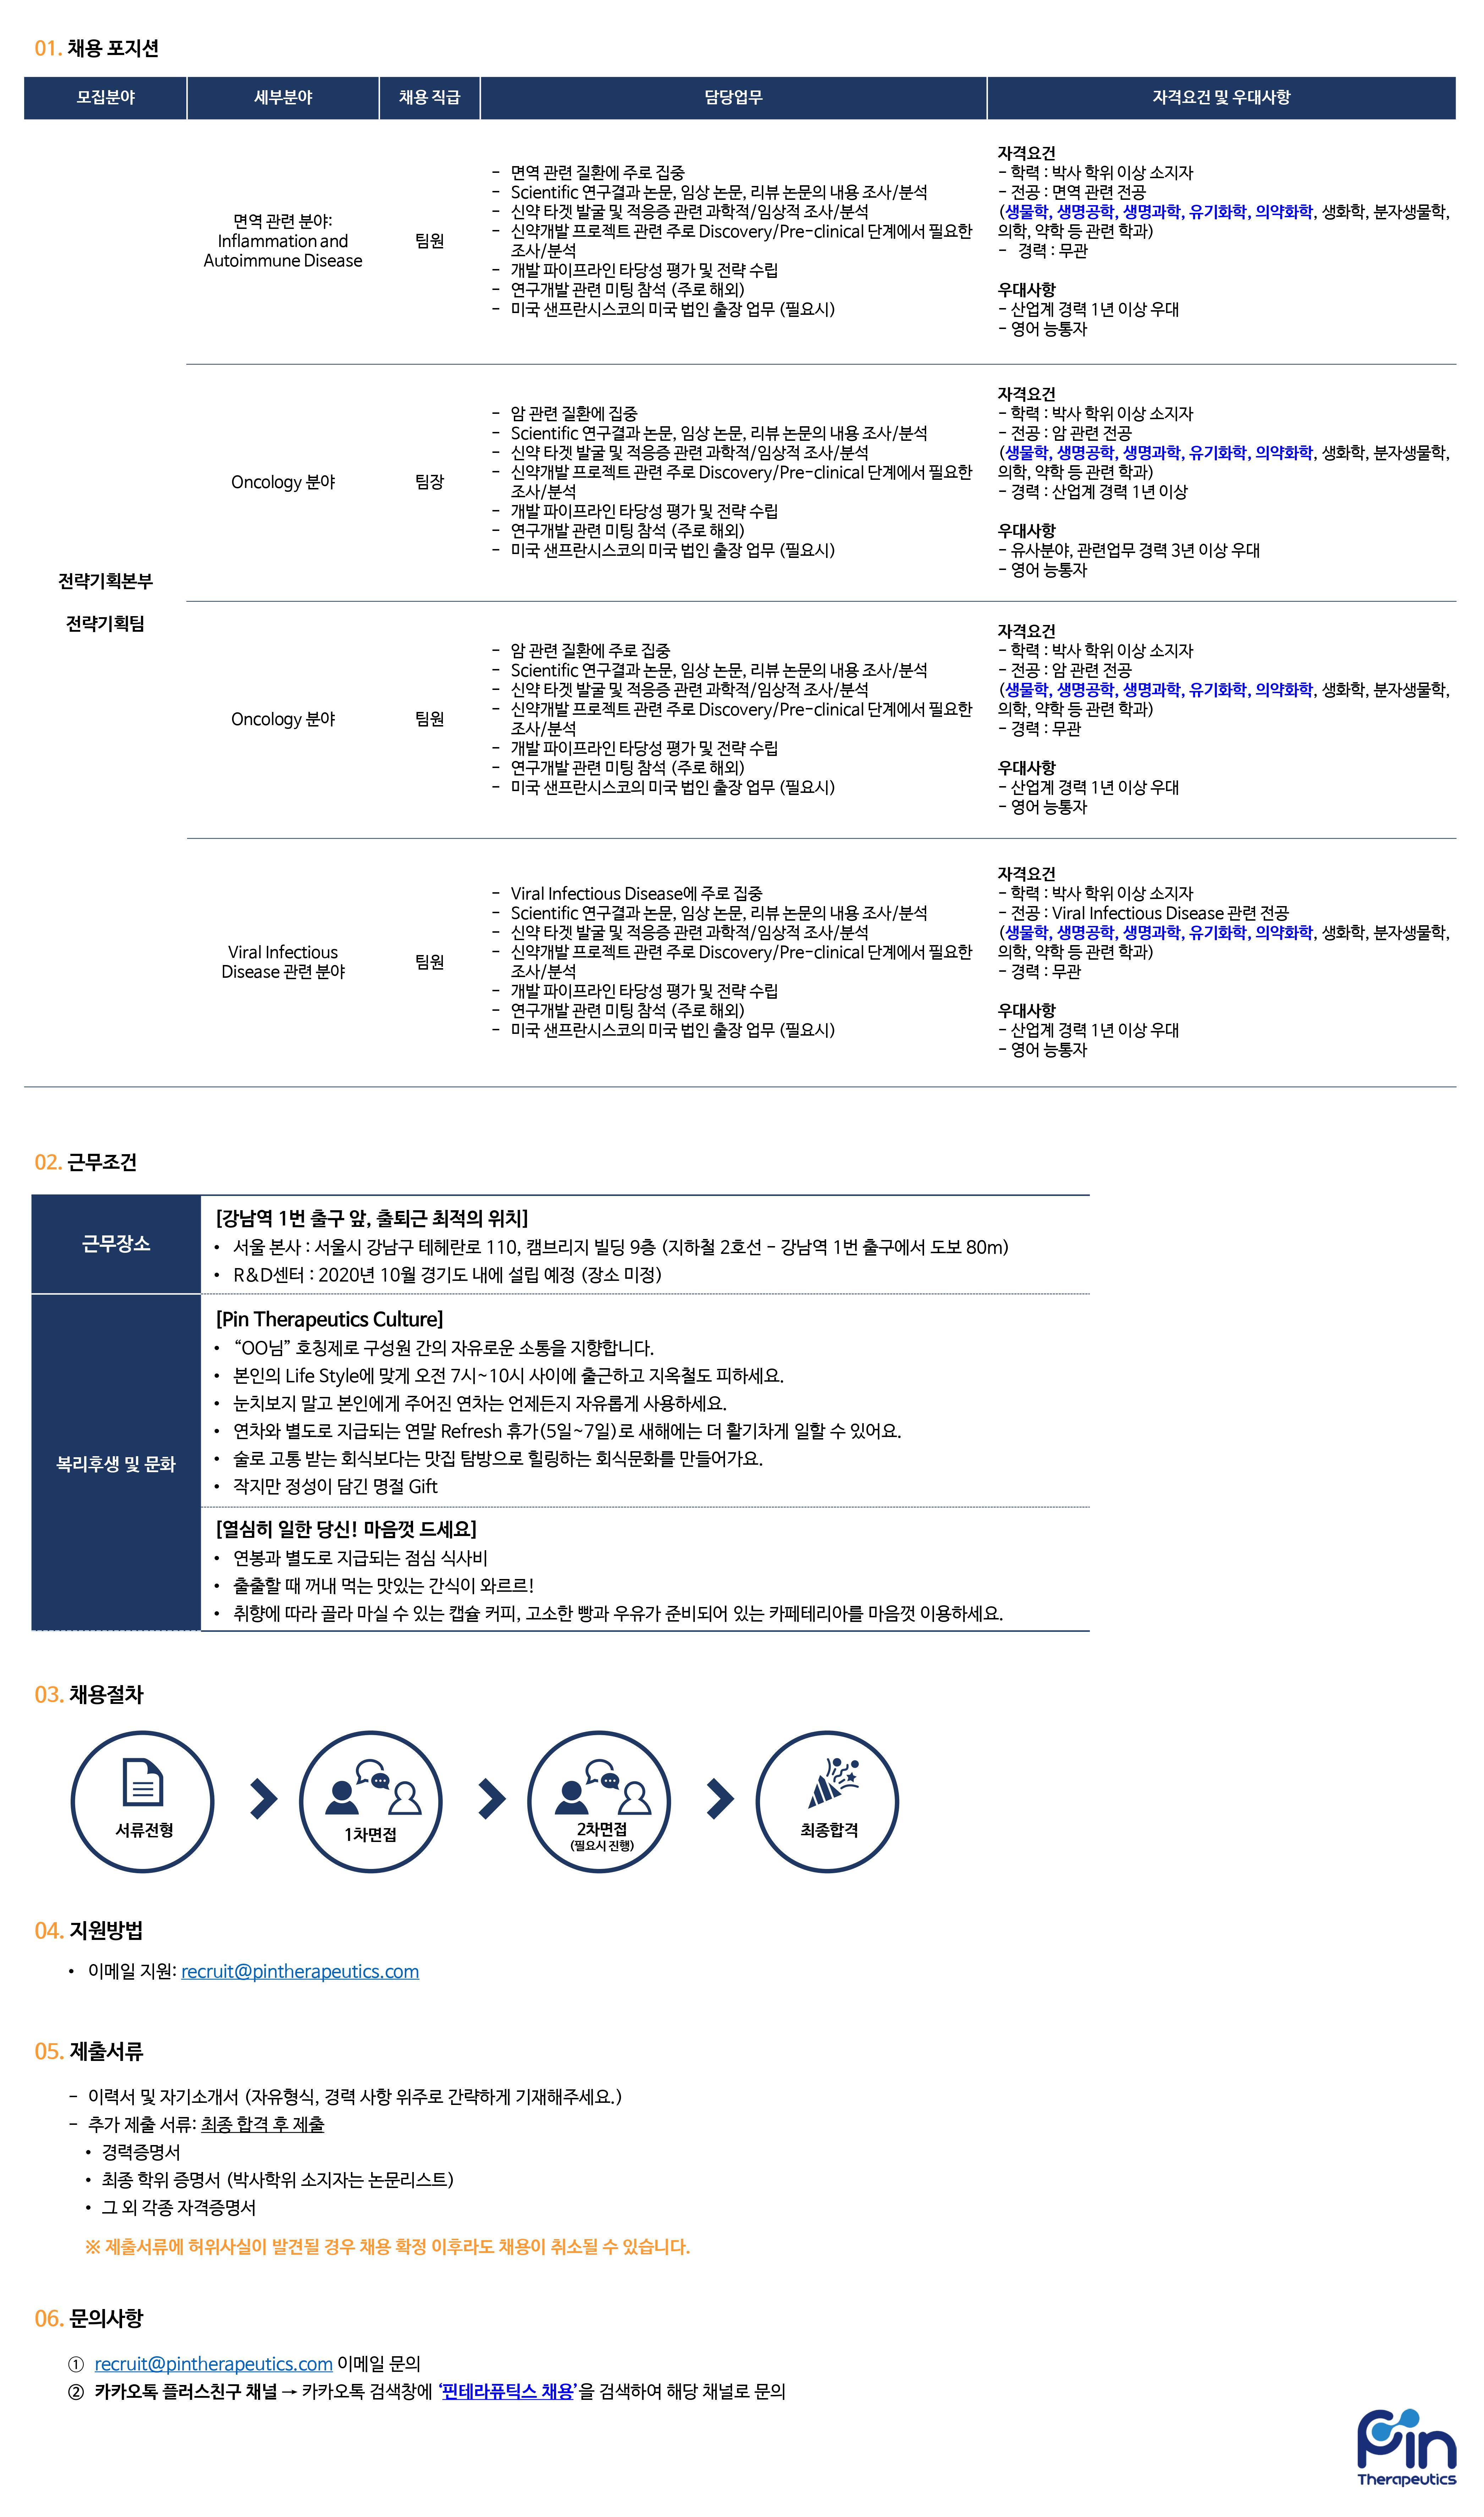 ㈜핀테라퓨틱스_각 부문별 경력직 채용공고(2020.05.04).jpg